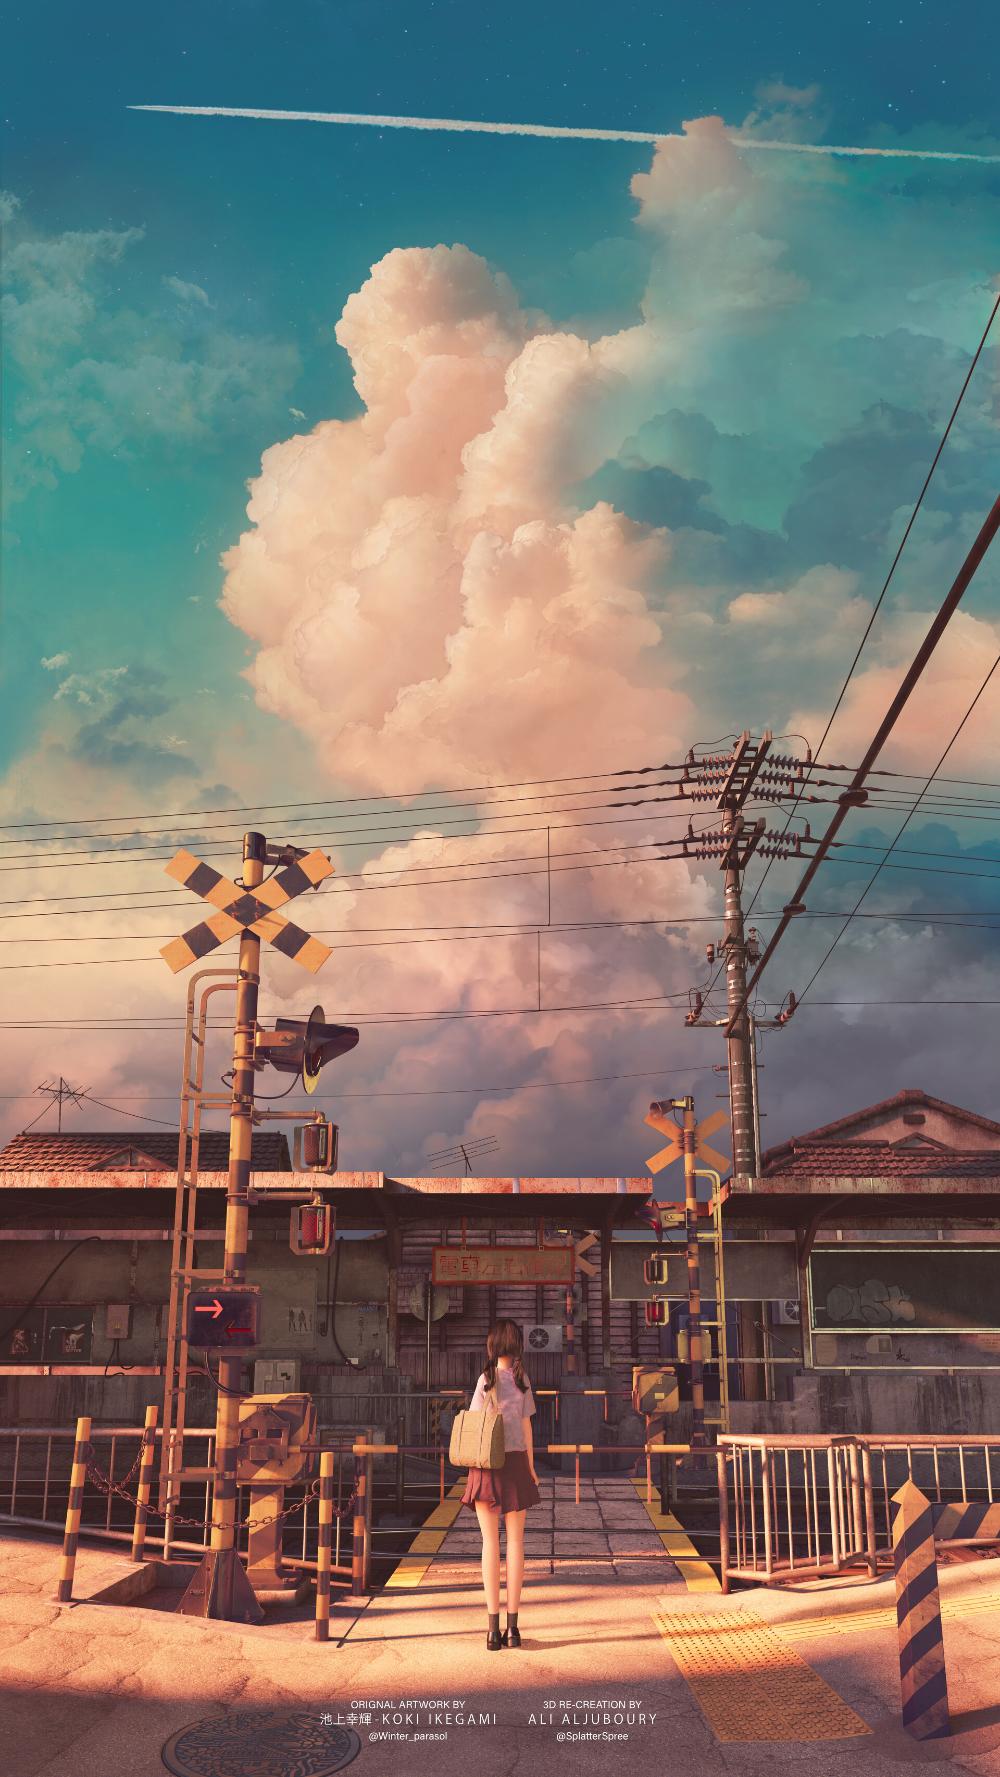 Japan Railroad Crossing, Ali Aljuboury